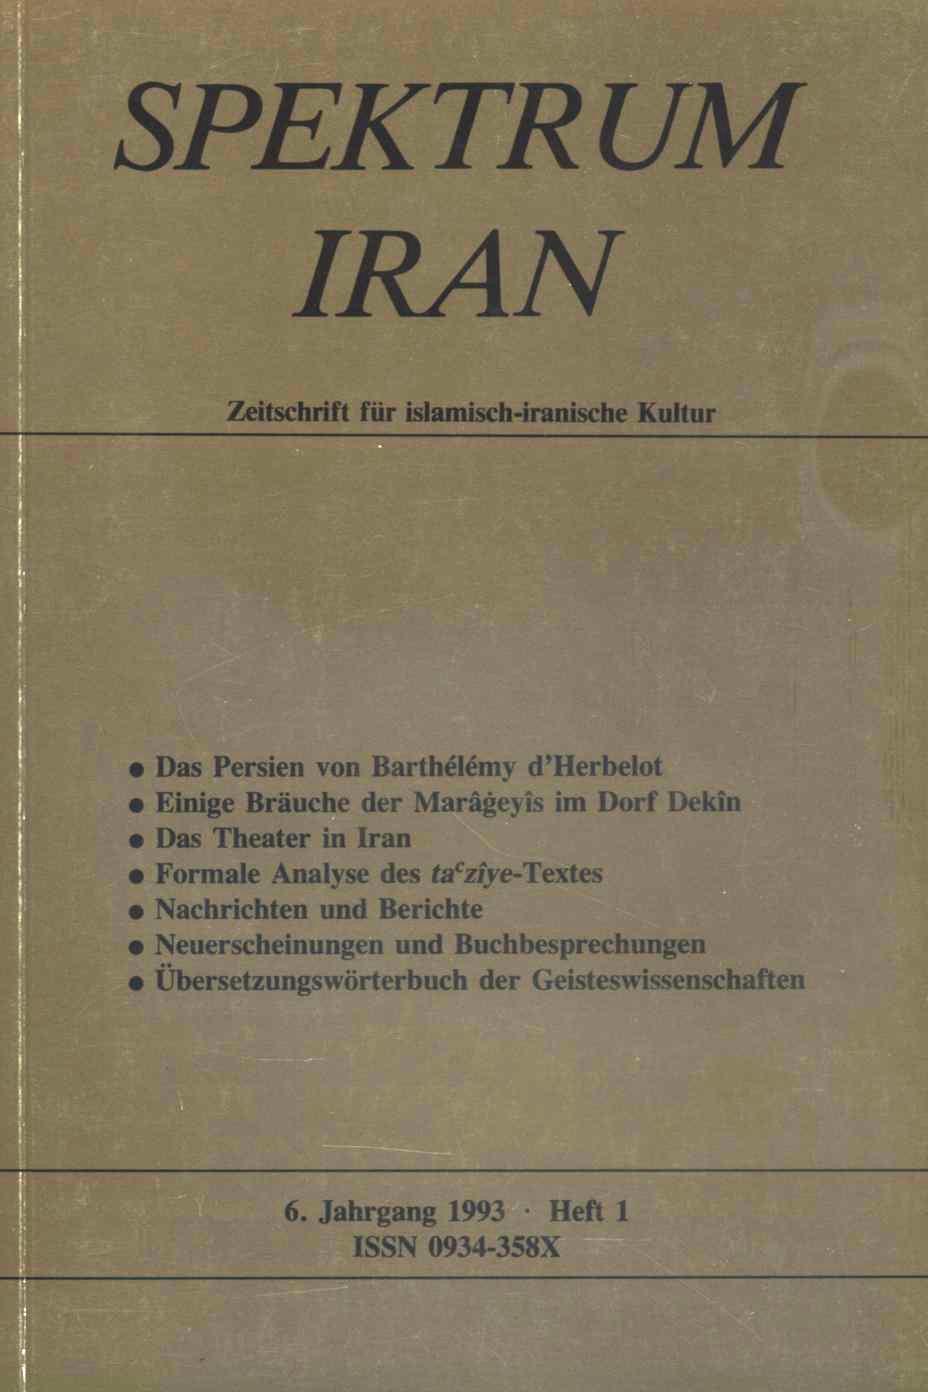 Spektrum Iran 1 - 1993